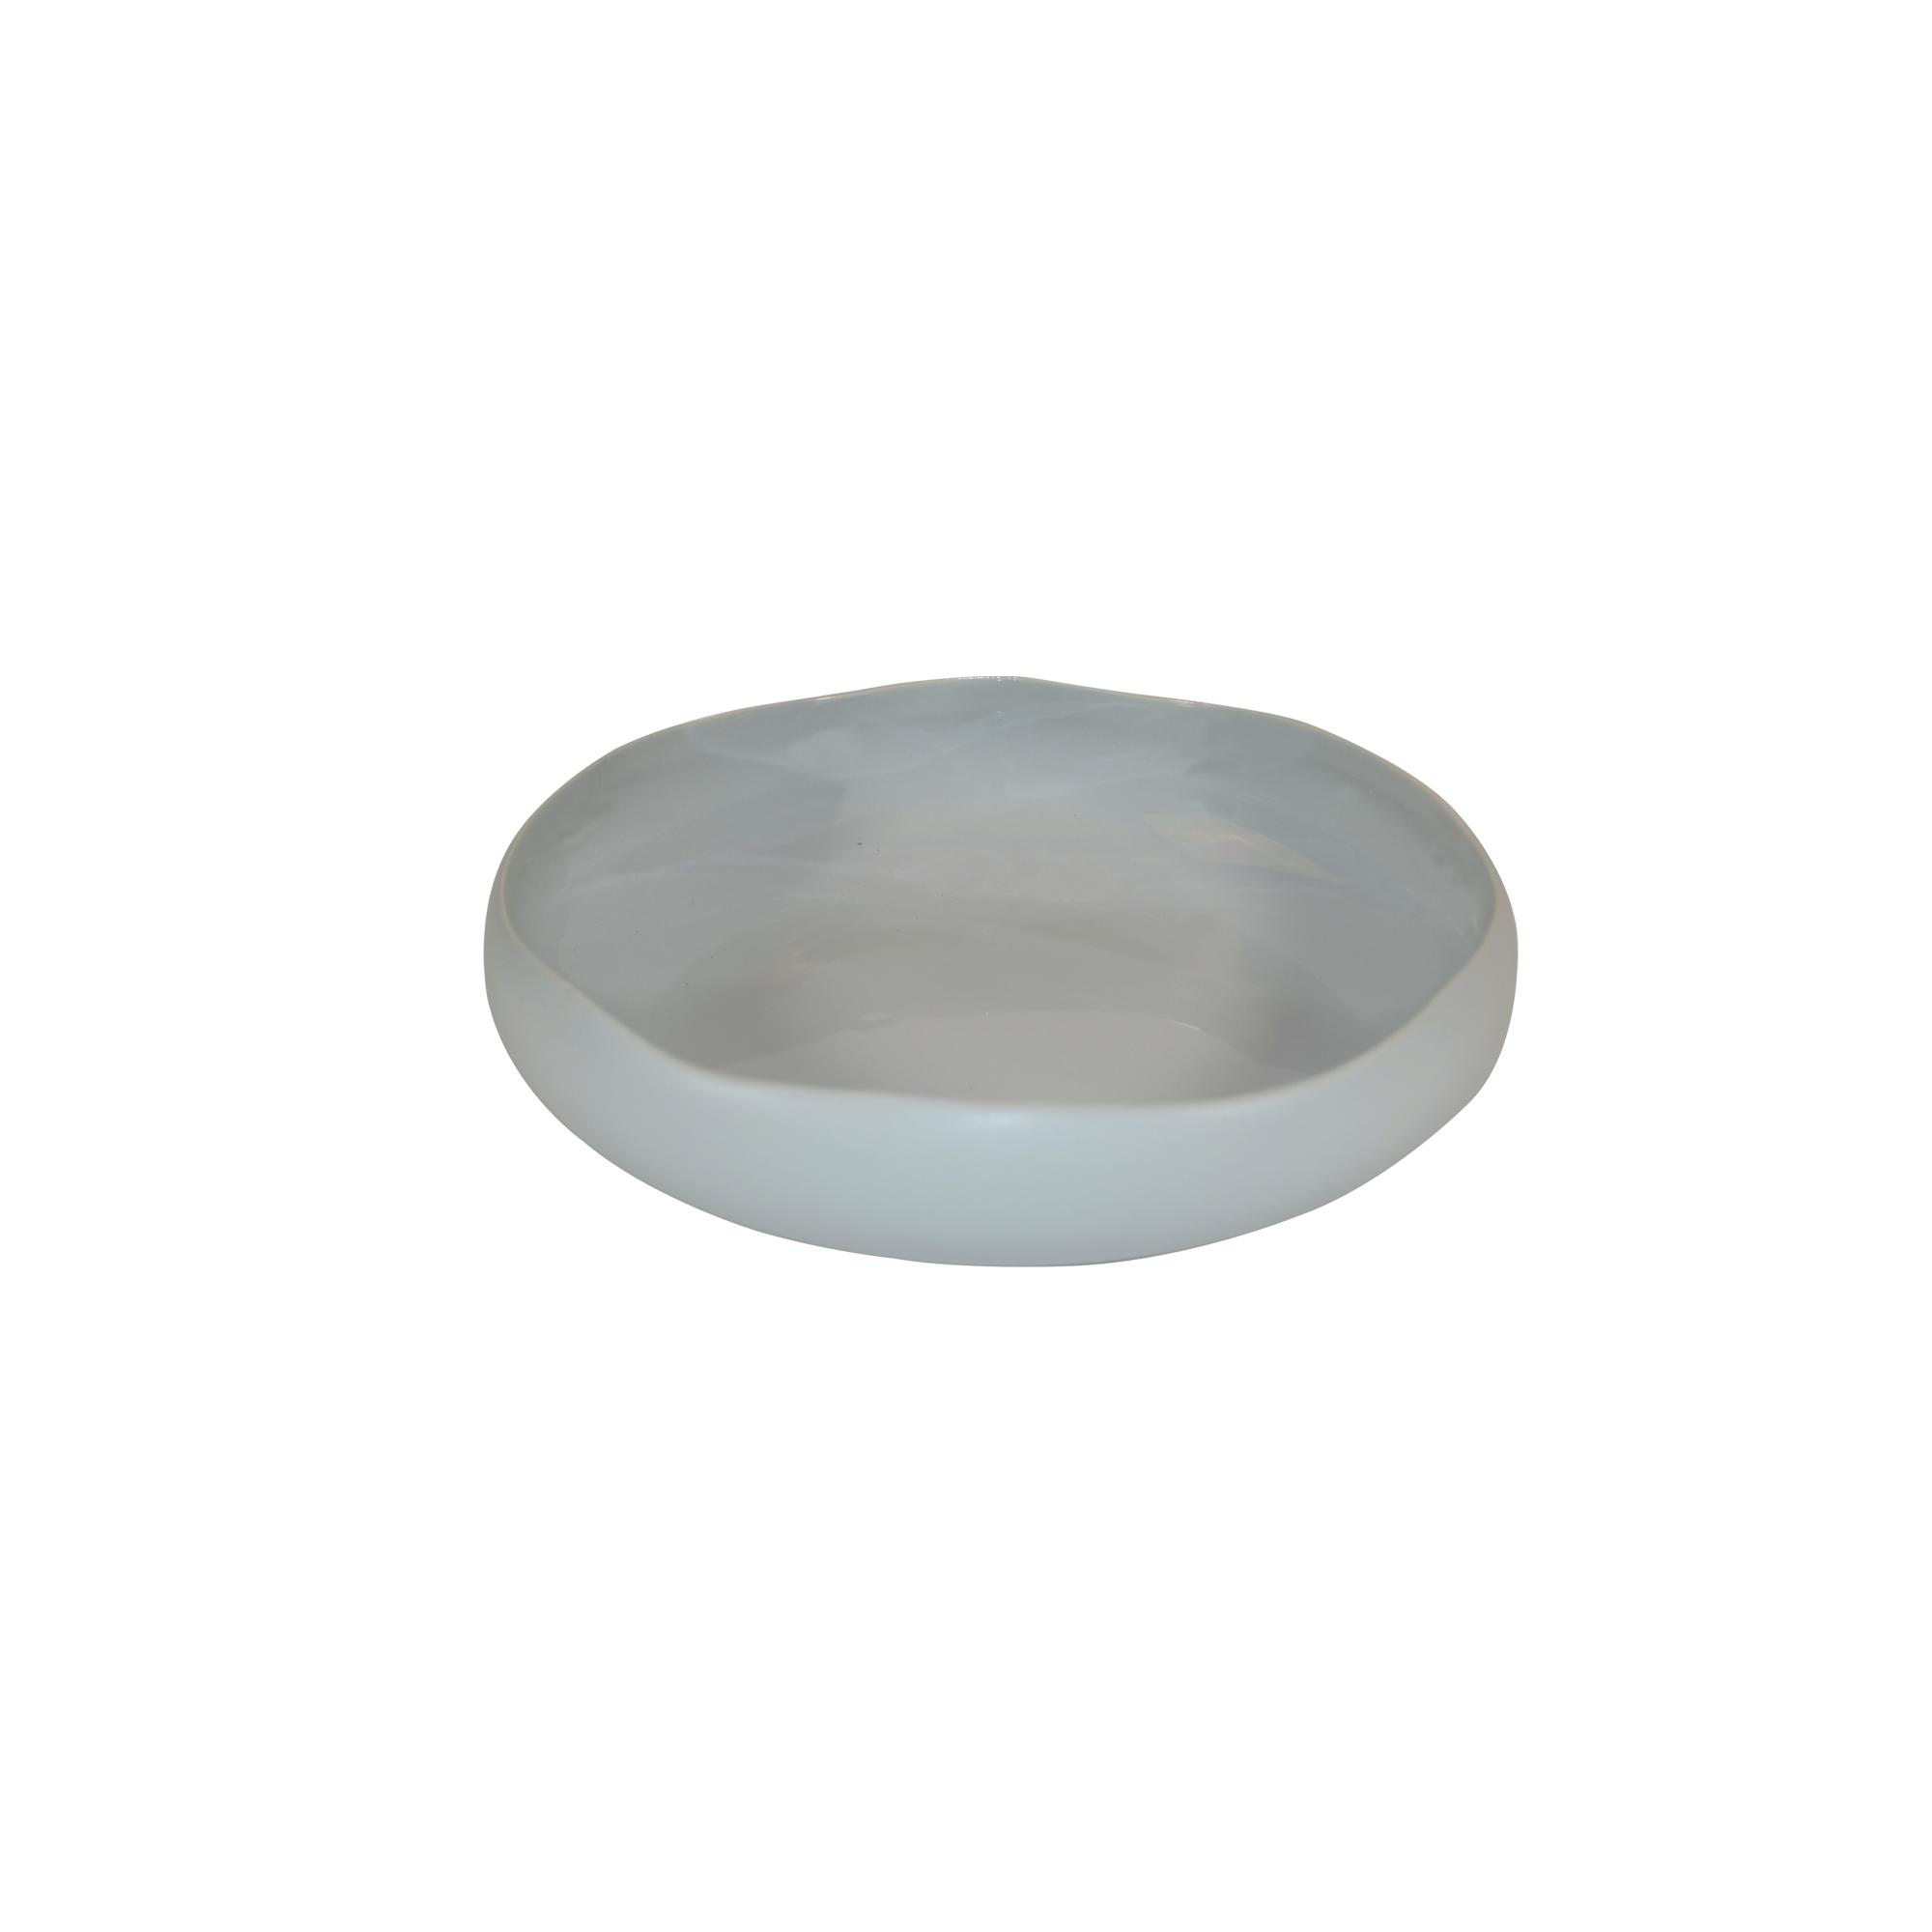 Assiette creuse en grès de table gris 20 cm - Lot de 6